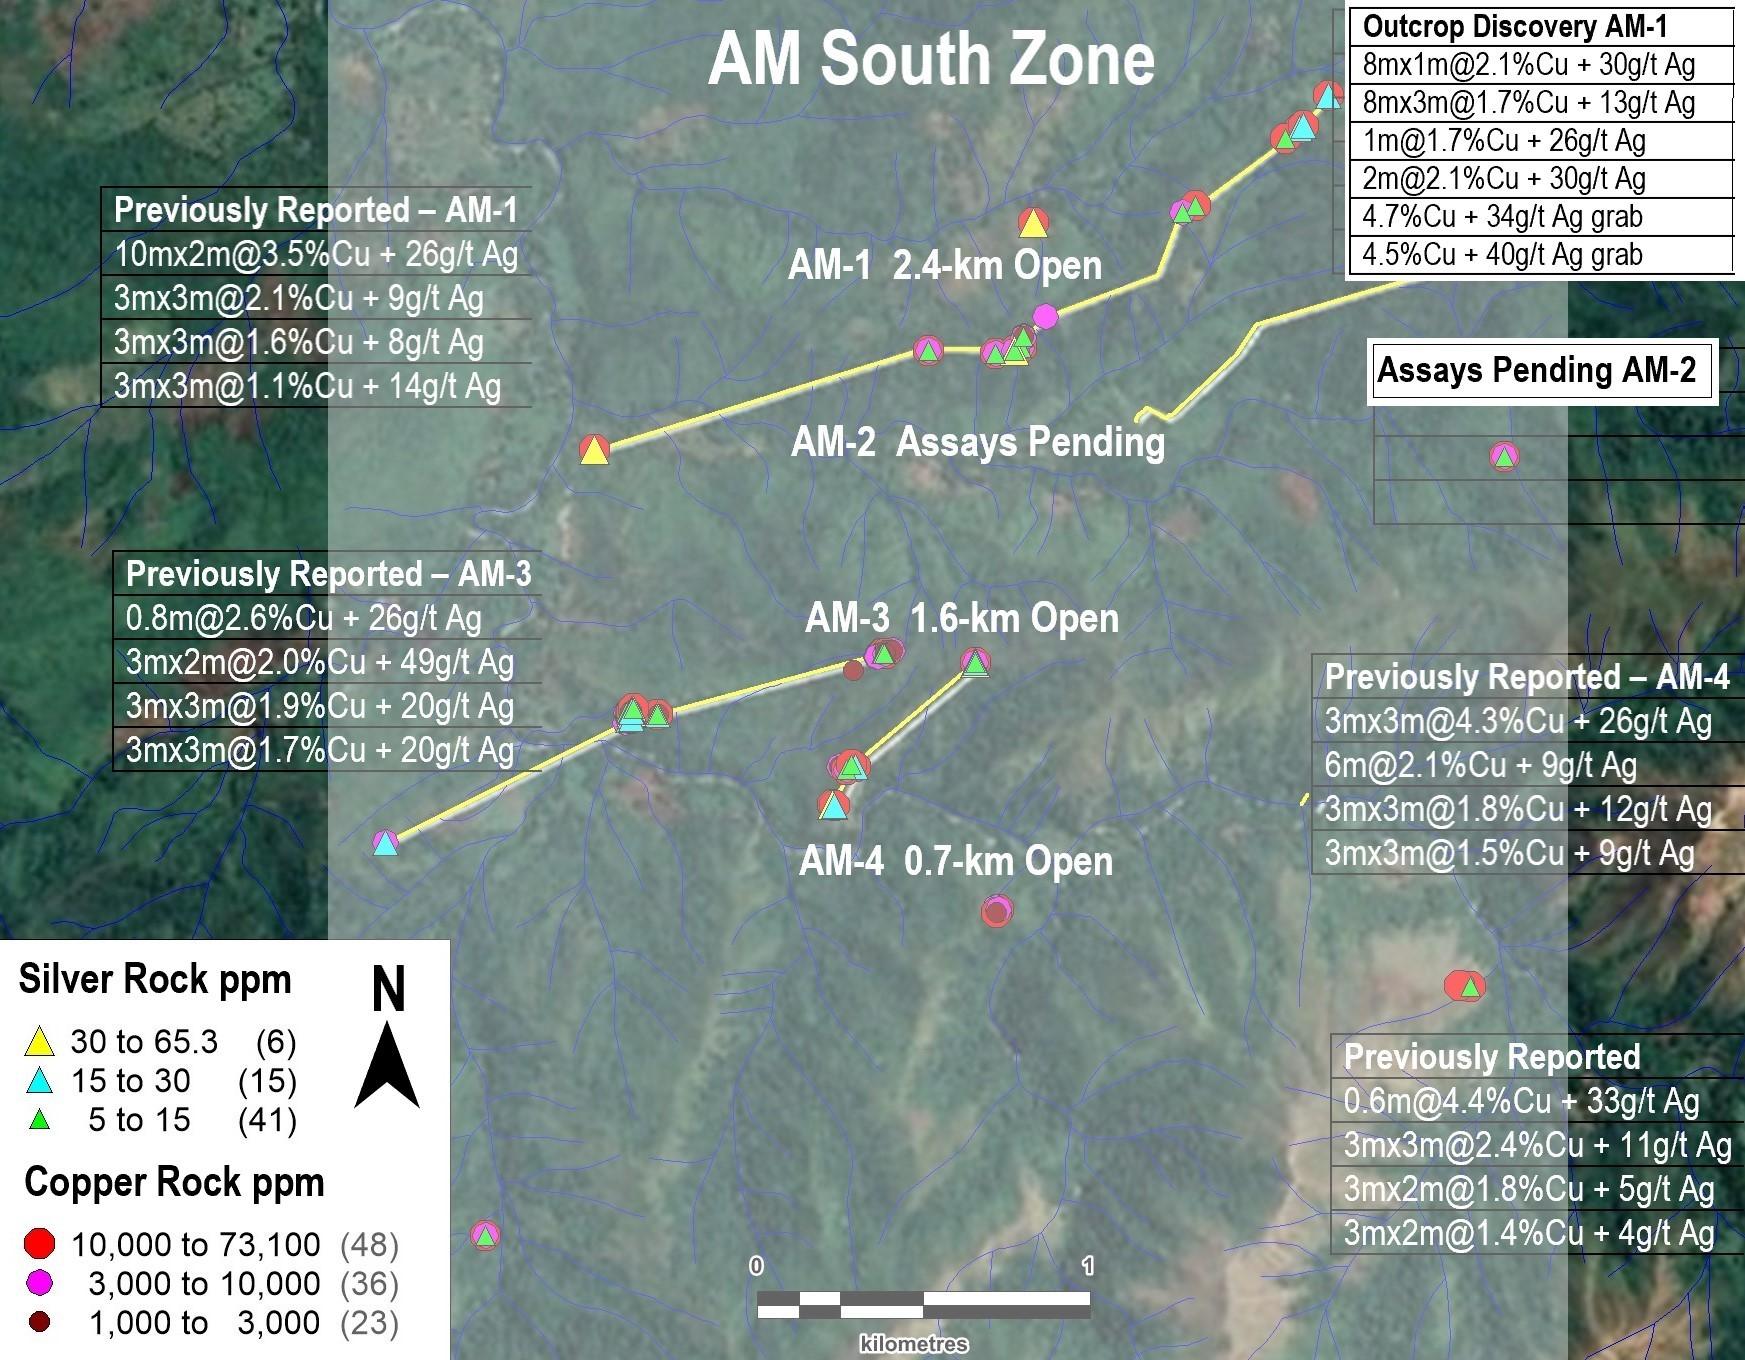 Figure 2. AM South Zone (4-km by 3-km Open)